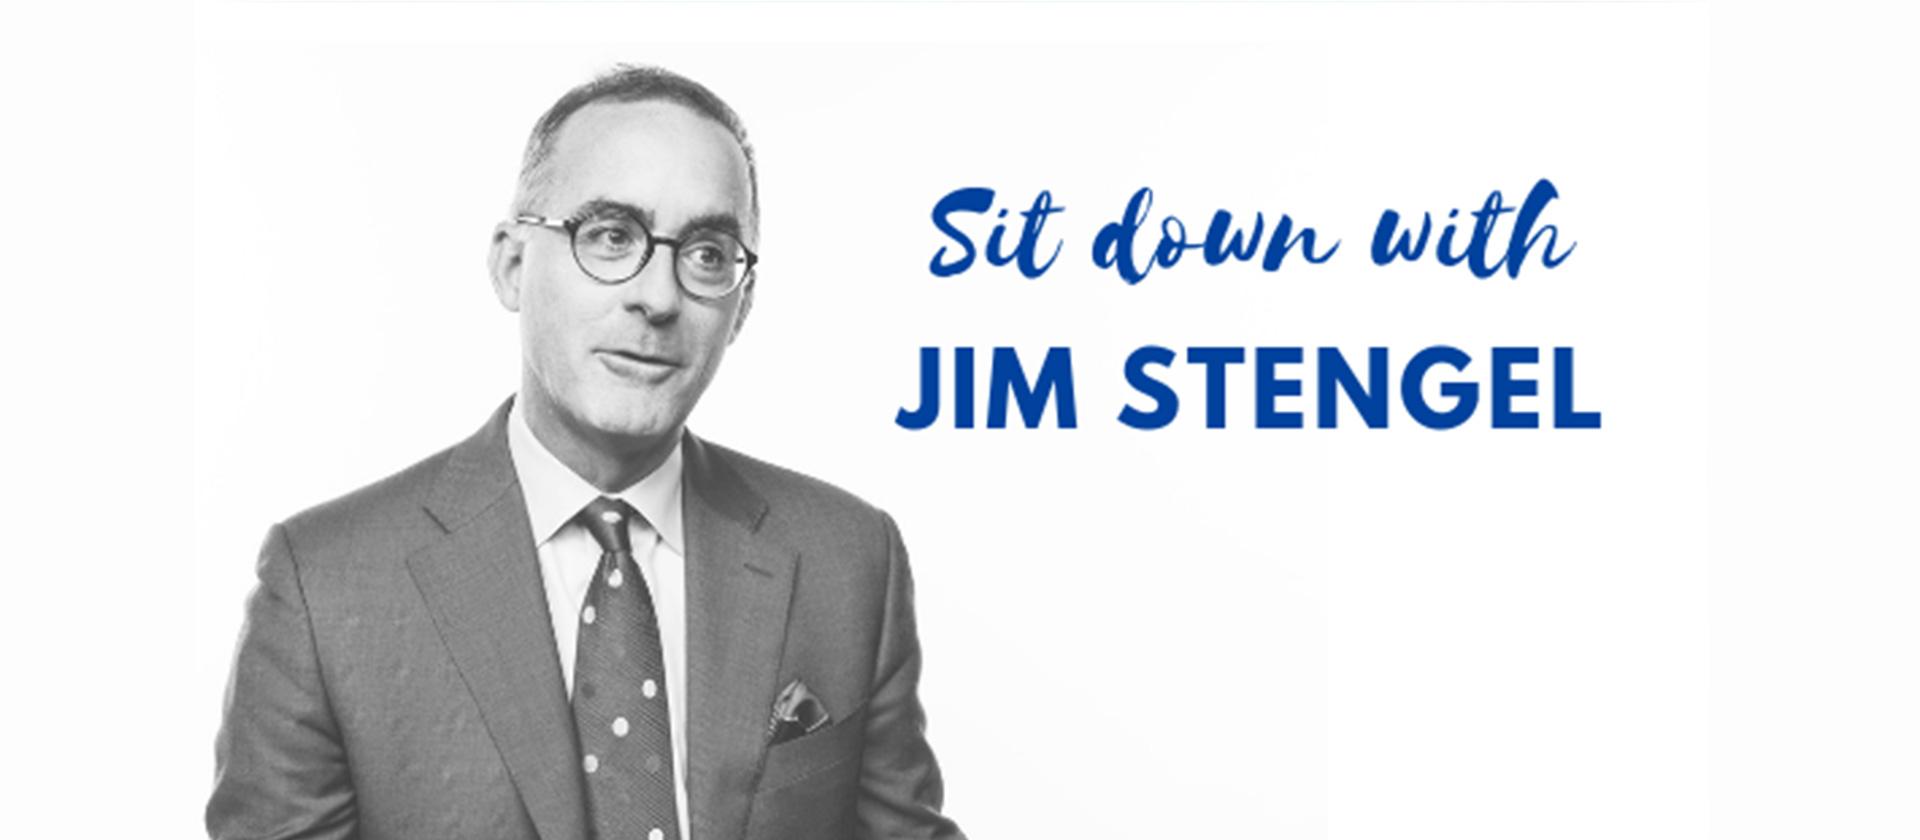 Jim Stengel Interview with the Millenium Alliance